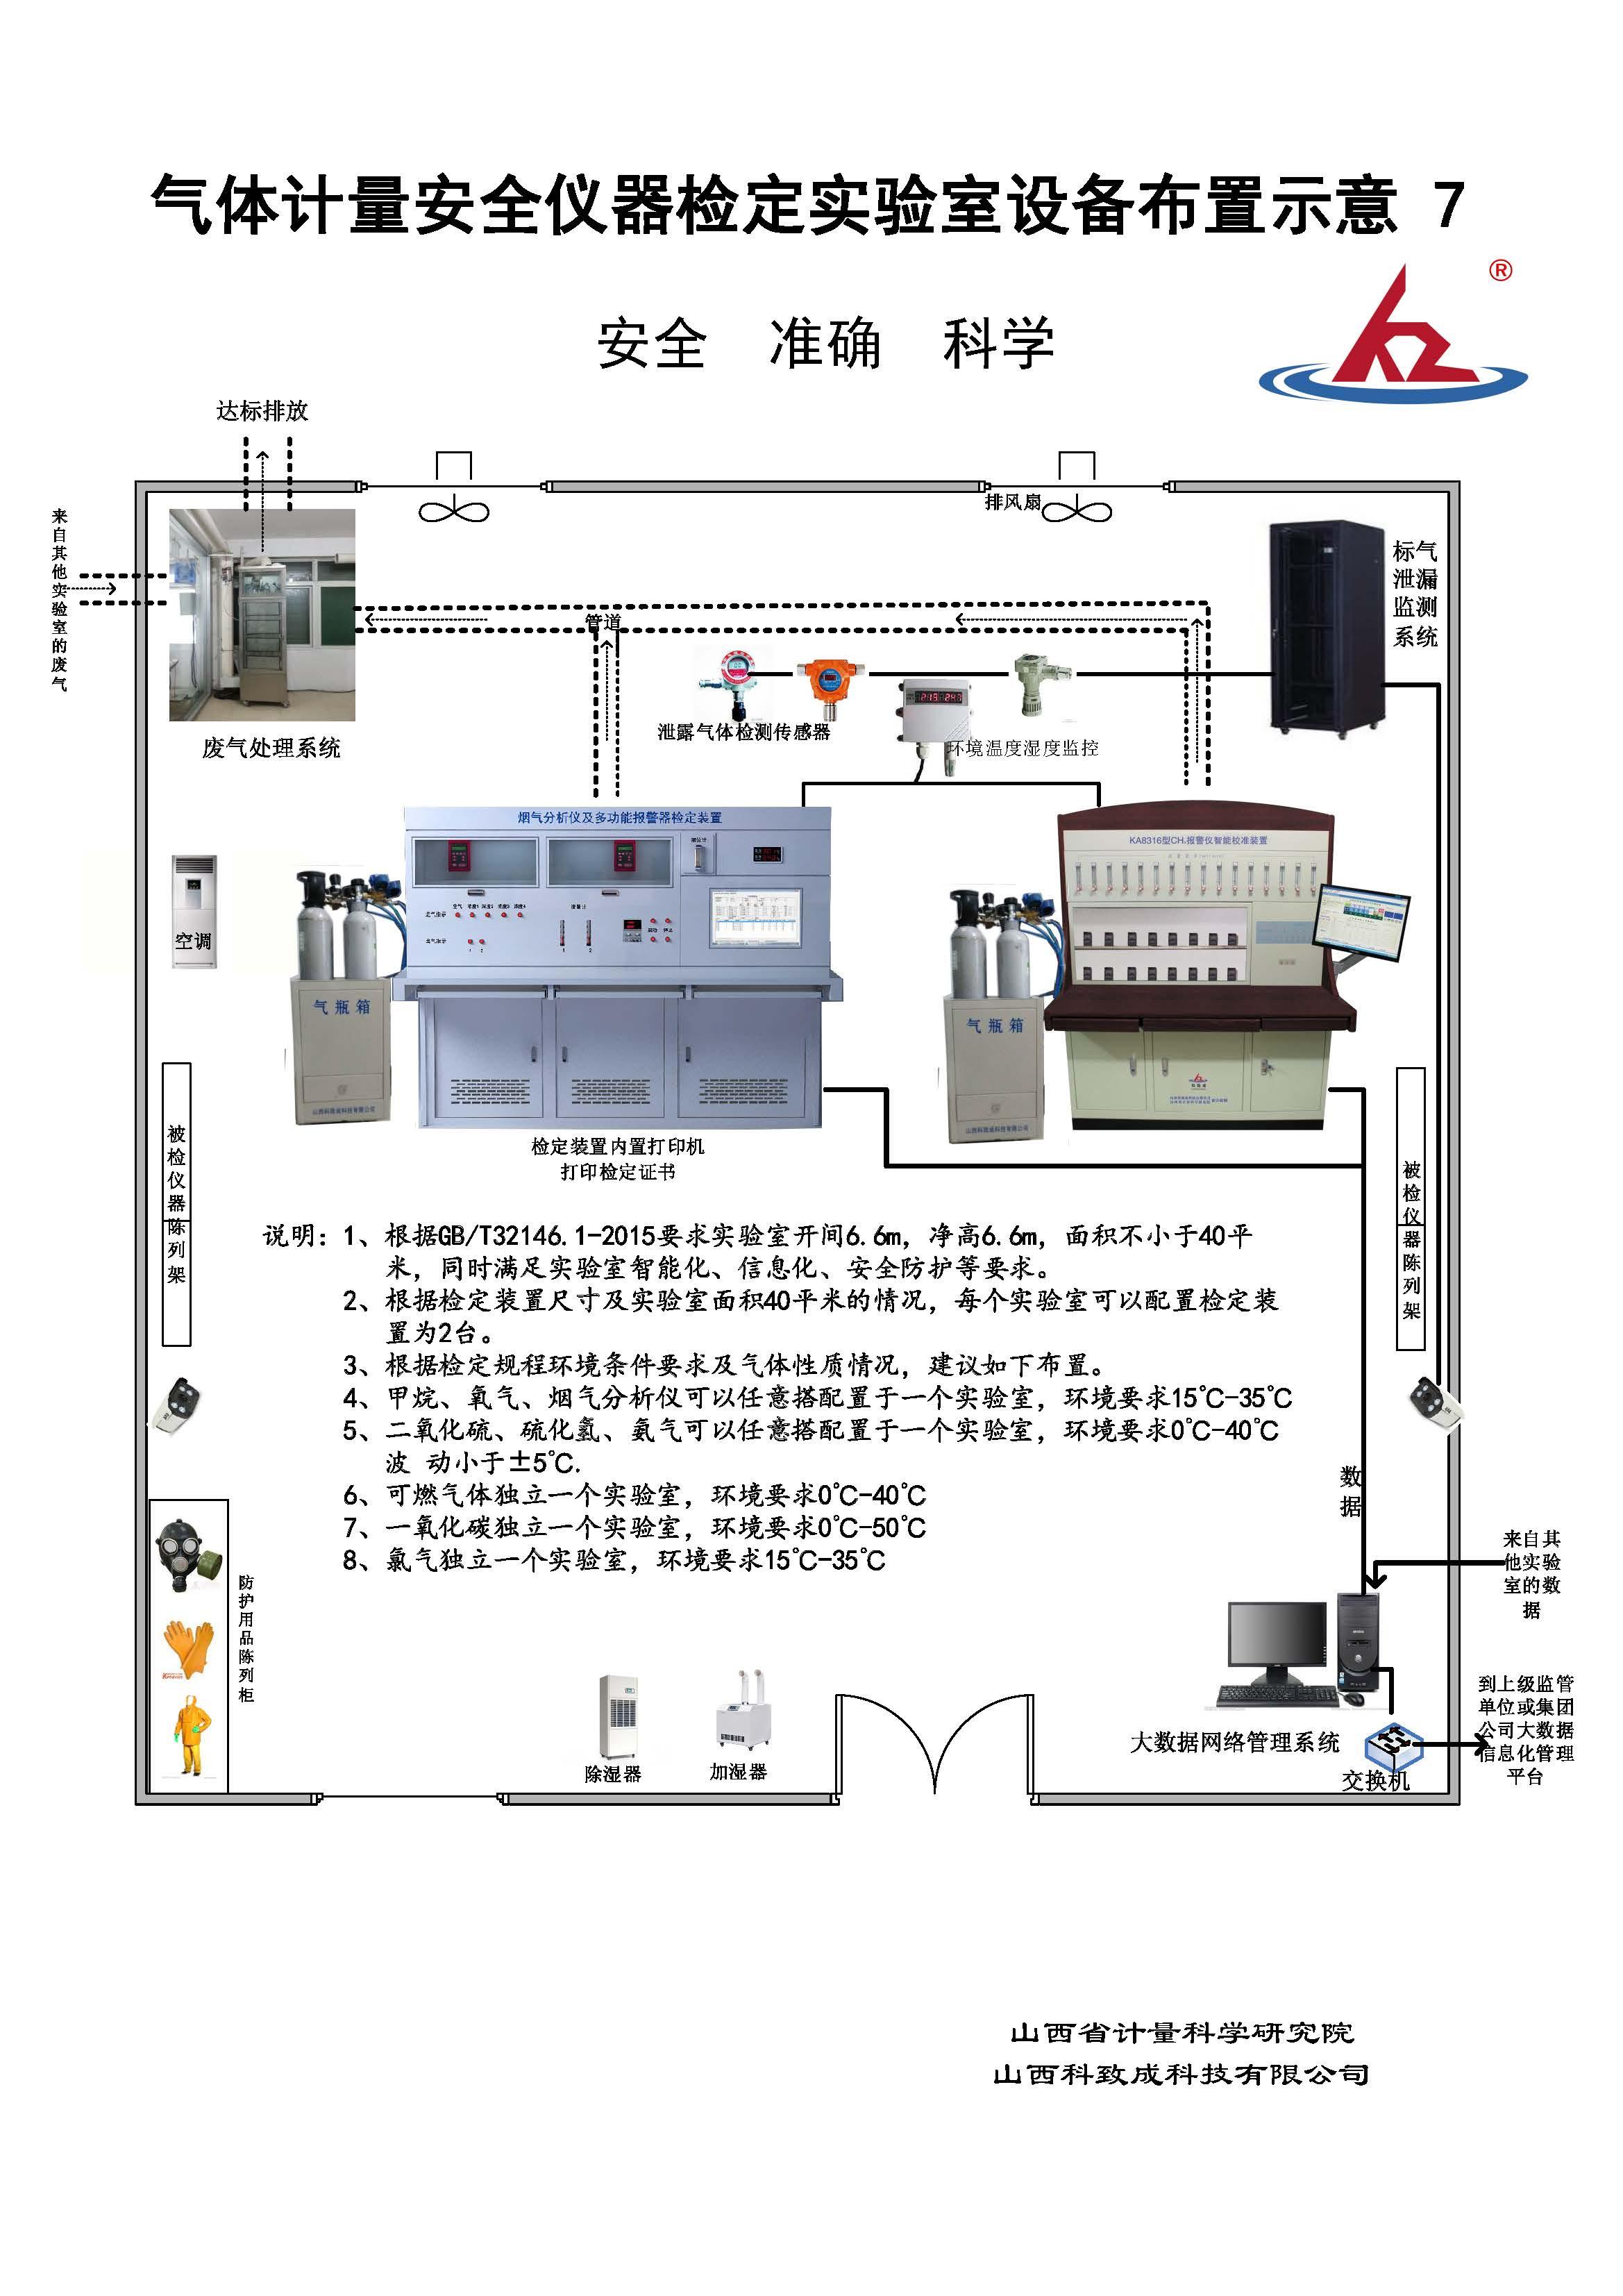 7气体必威官网首页安全仪器必威官网亚洲体育实验室设备布置示意图2016.5.28